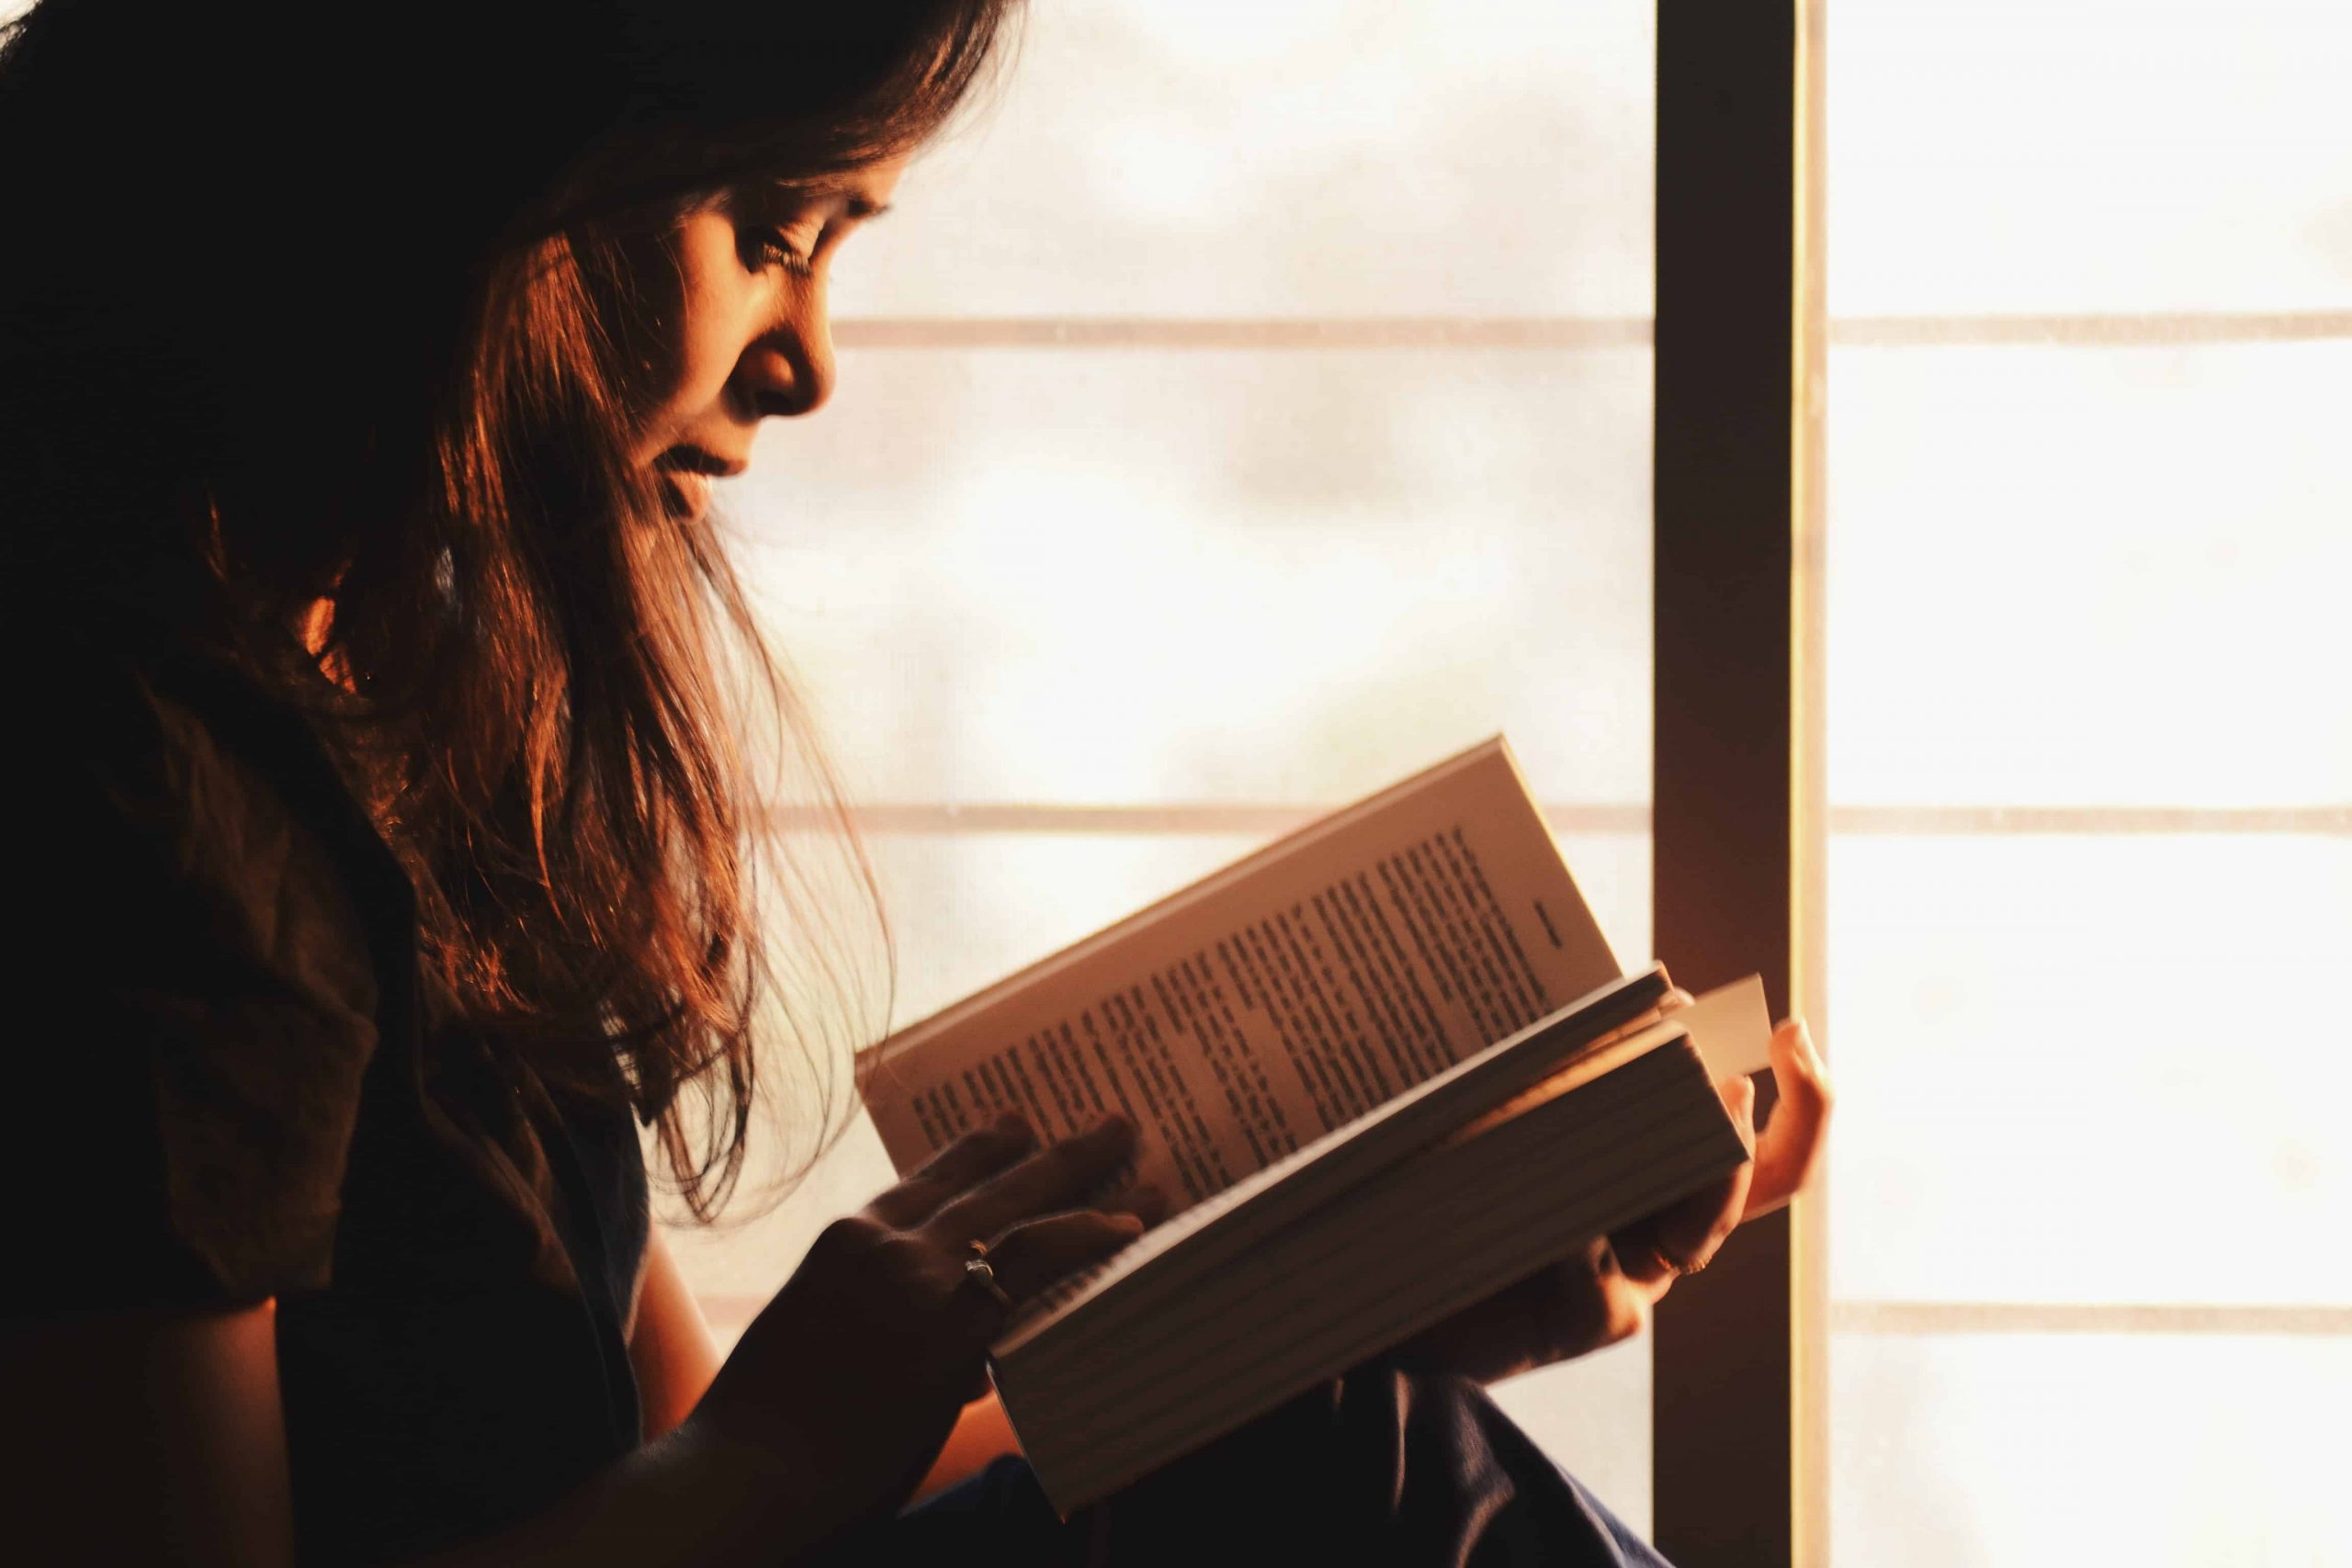 Livros espíritas: Como escolher os melhores em 2020?